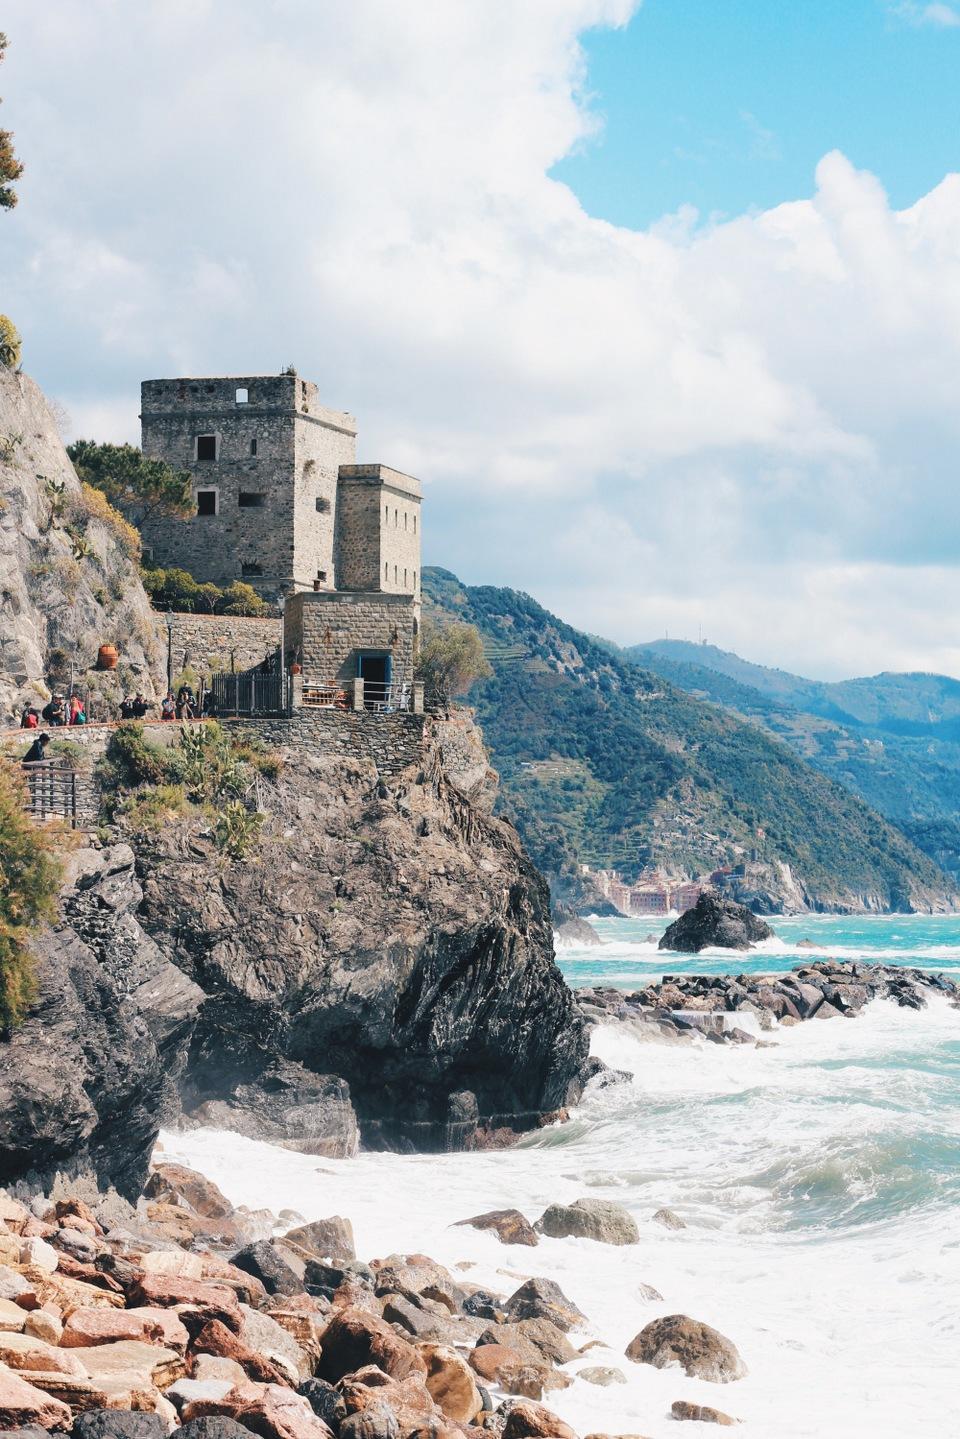 monterosso-al-mare-5 Cinque Terre travel guide One day in Cinque Terre